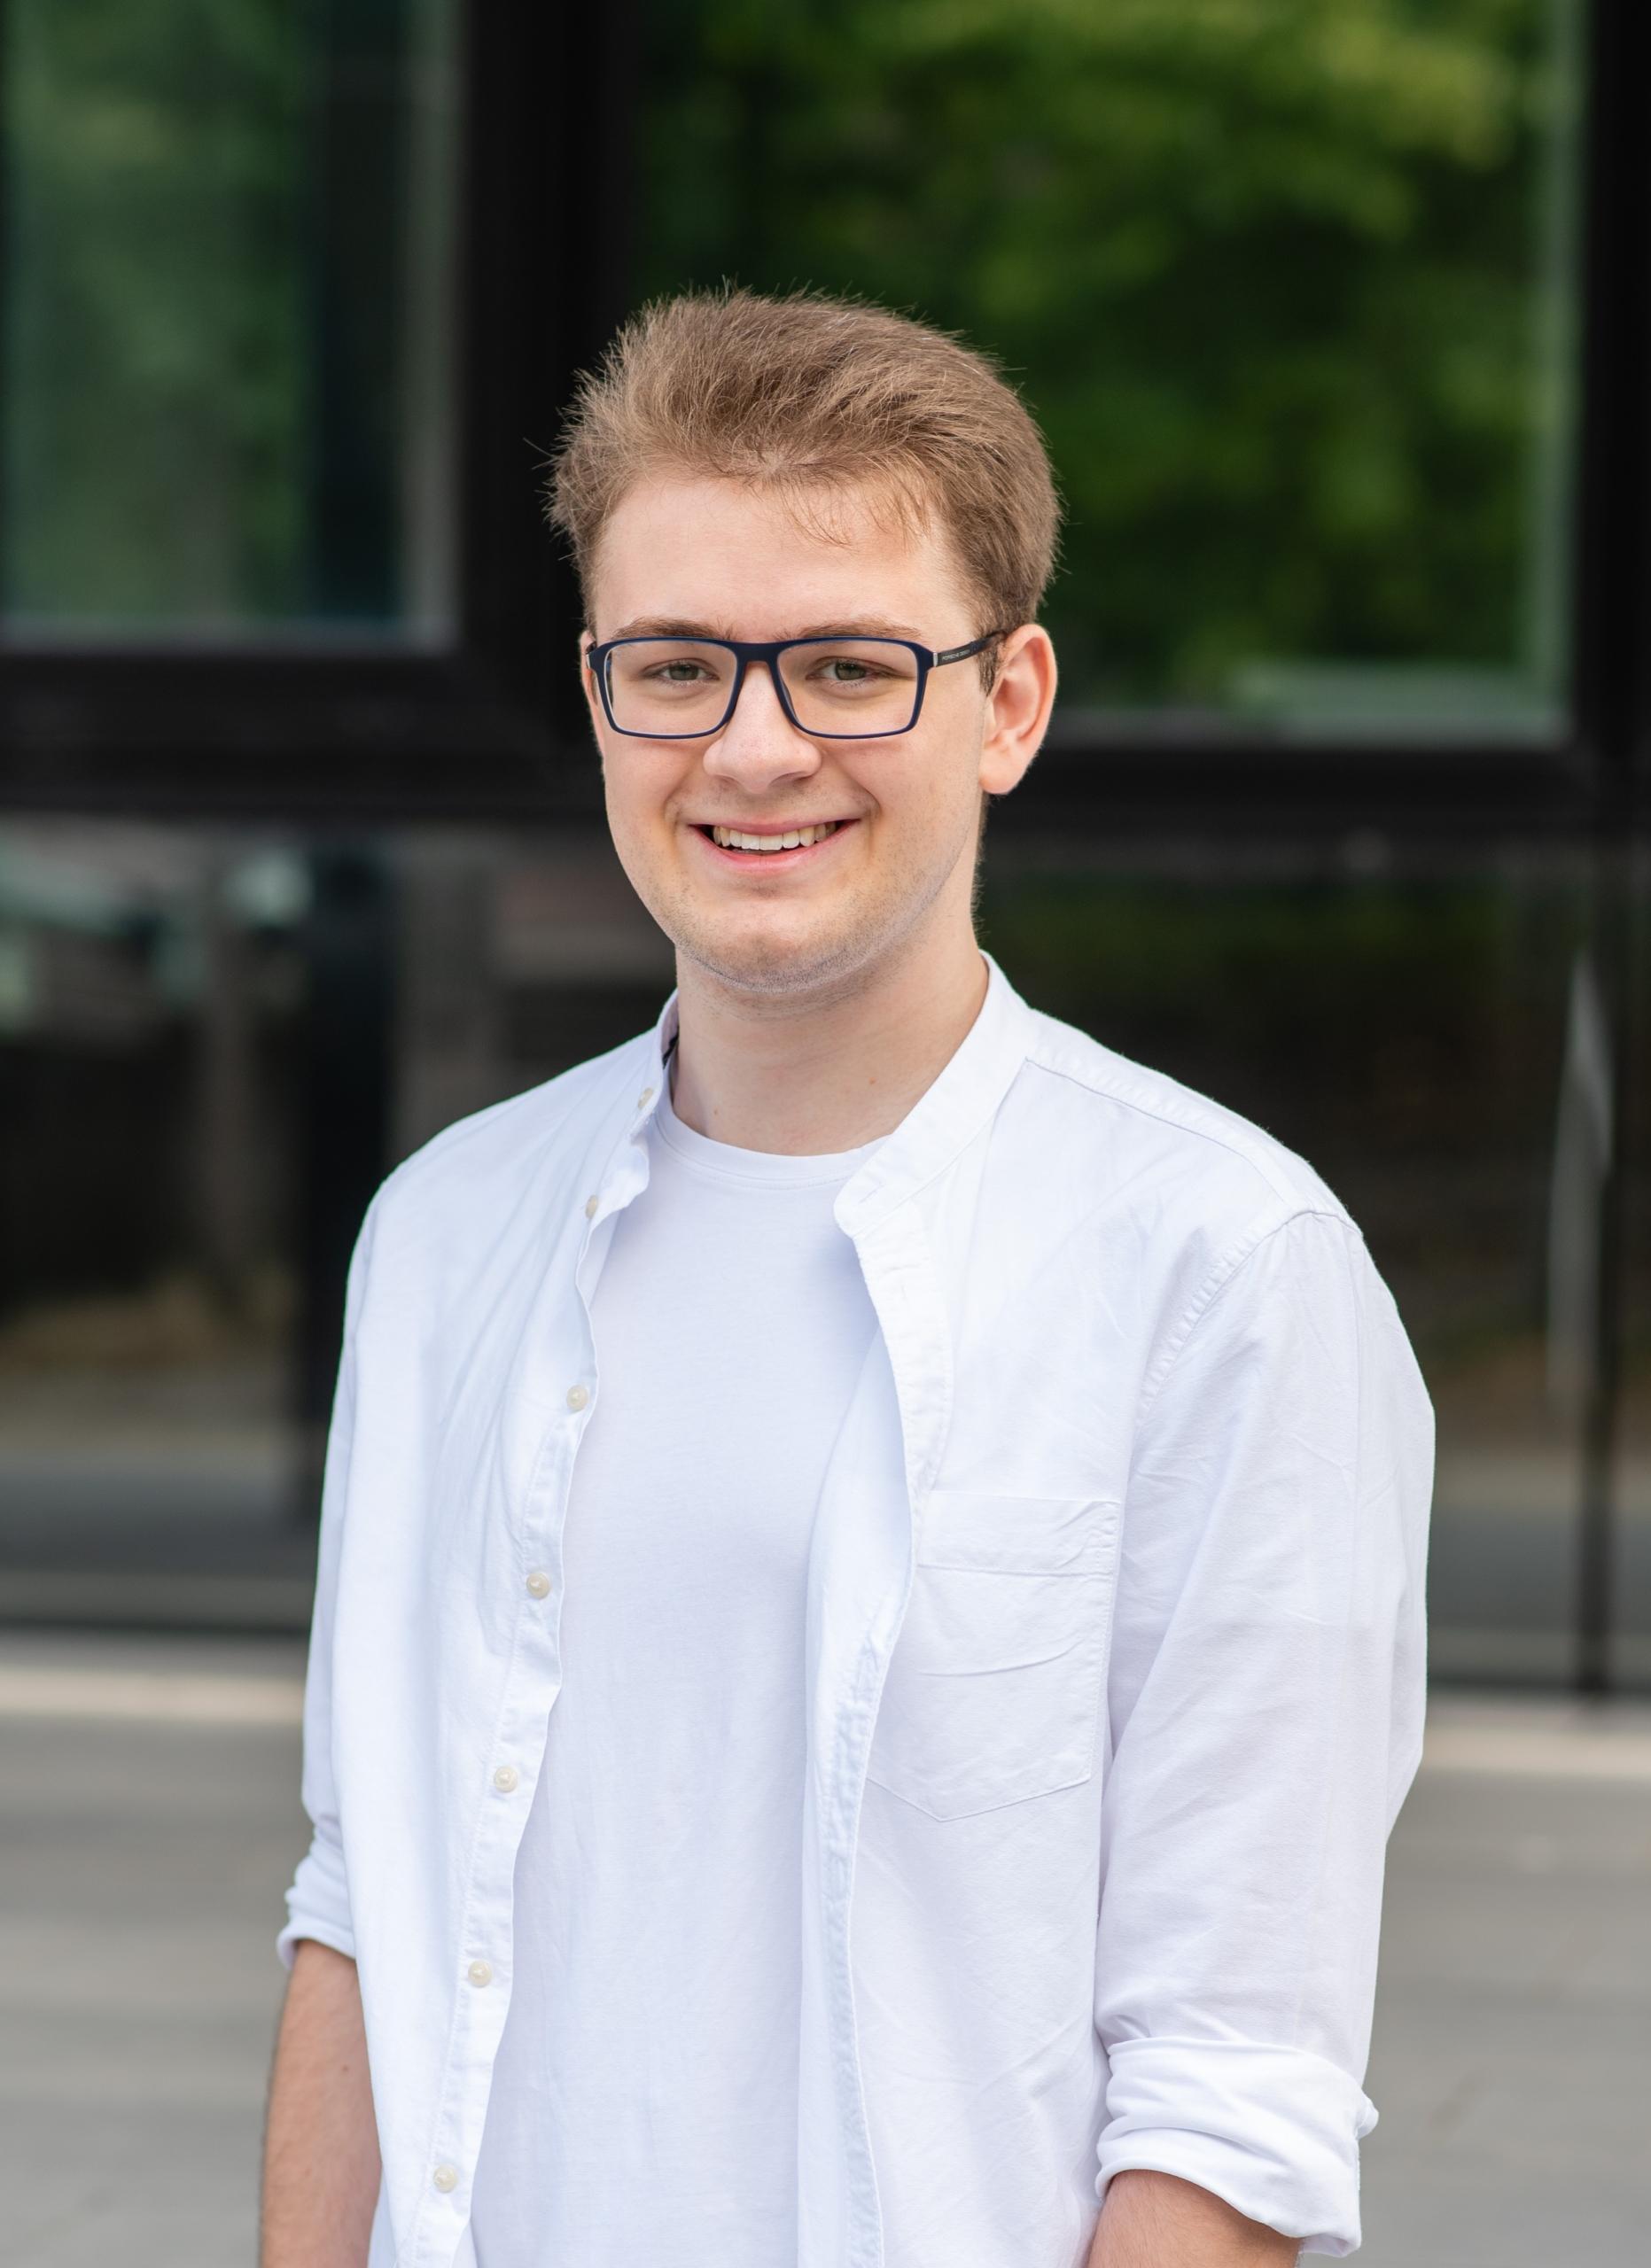 Lukas Heyn